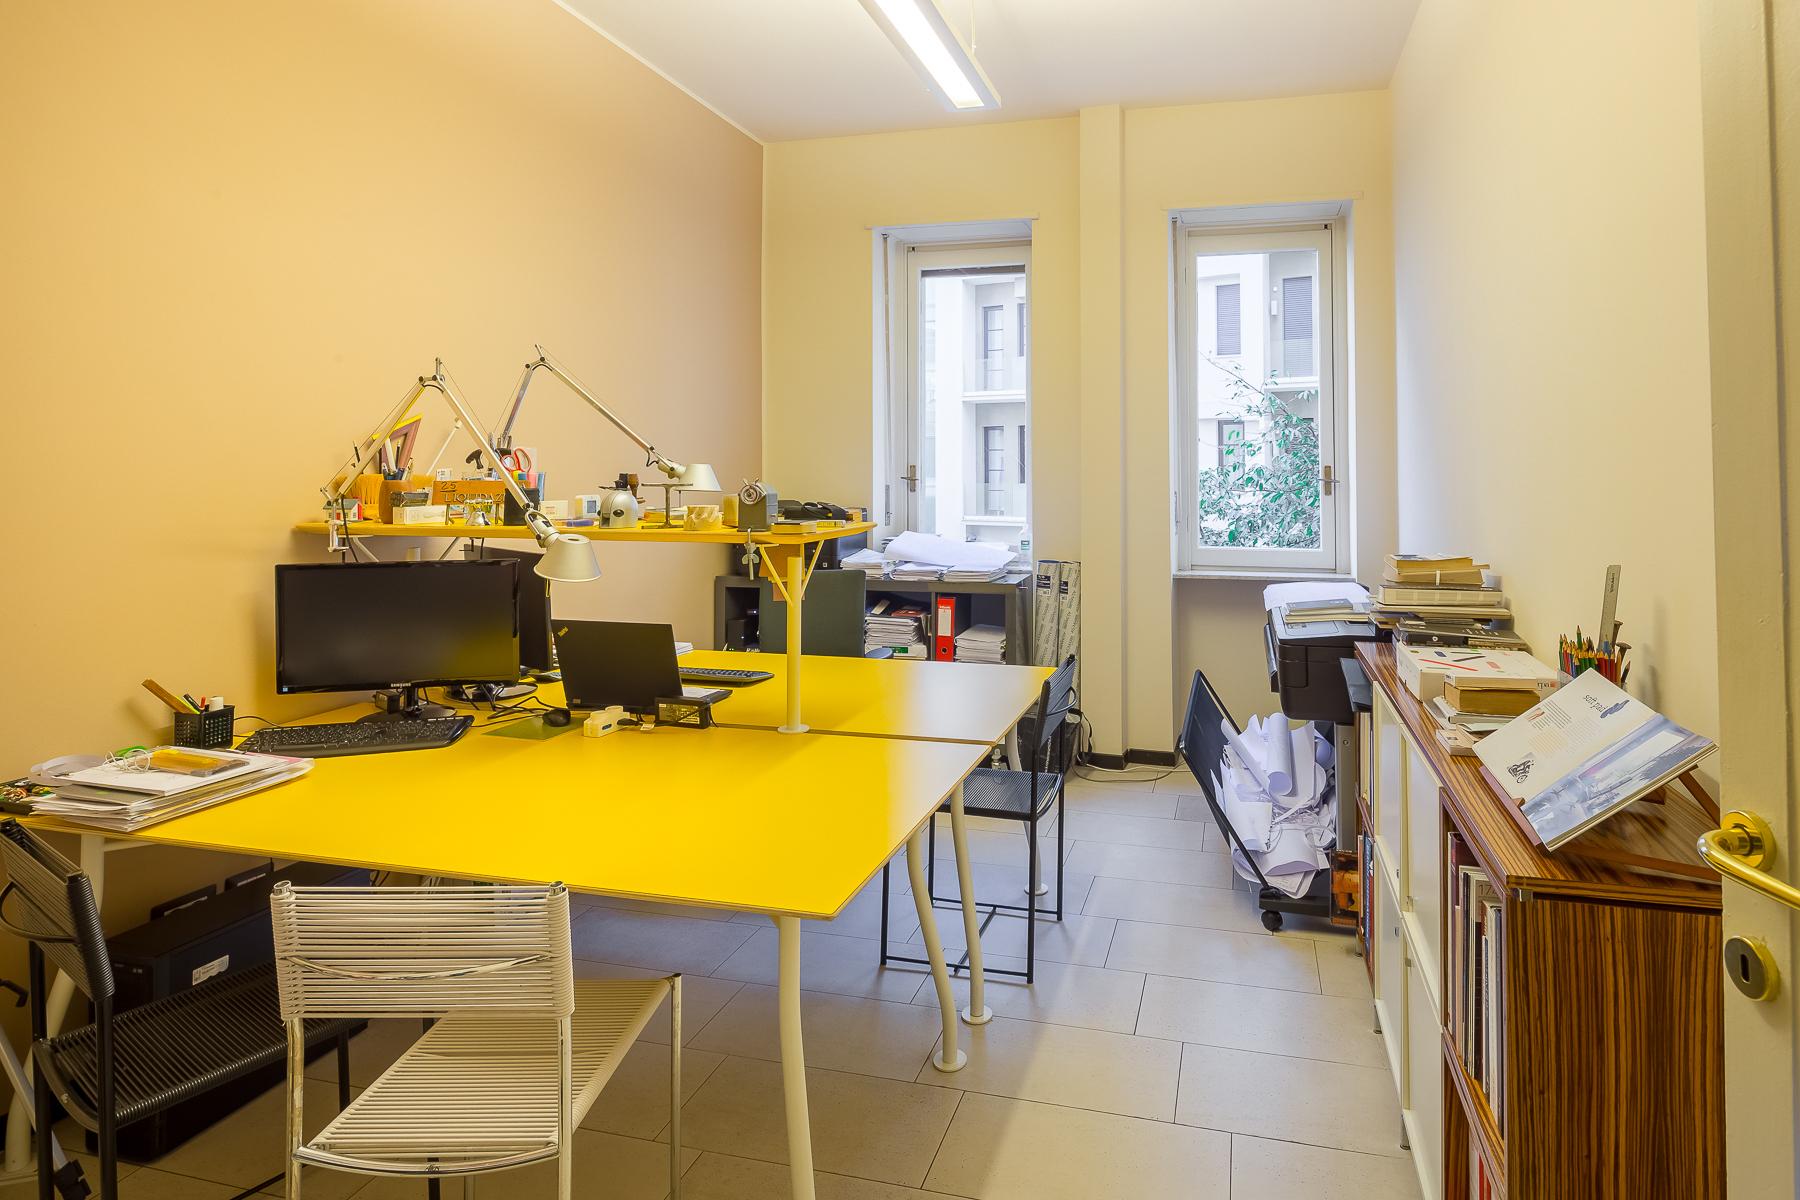 Ufficio-studio in Vendita a Milano: 4 locali, 155 mq - Foto 17